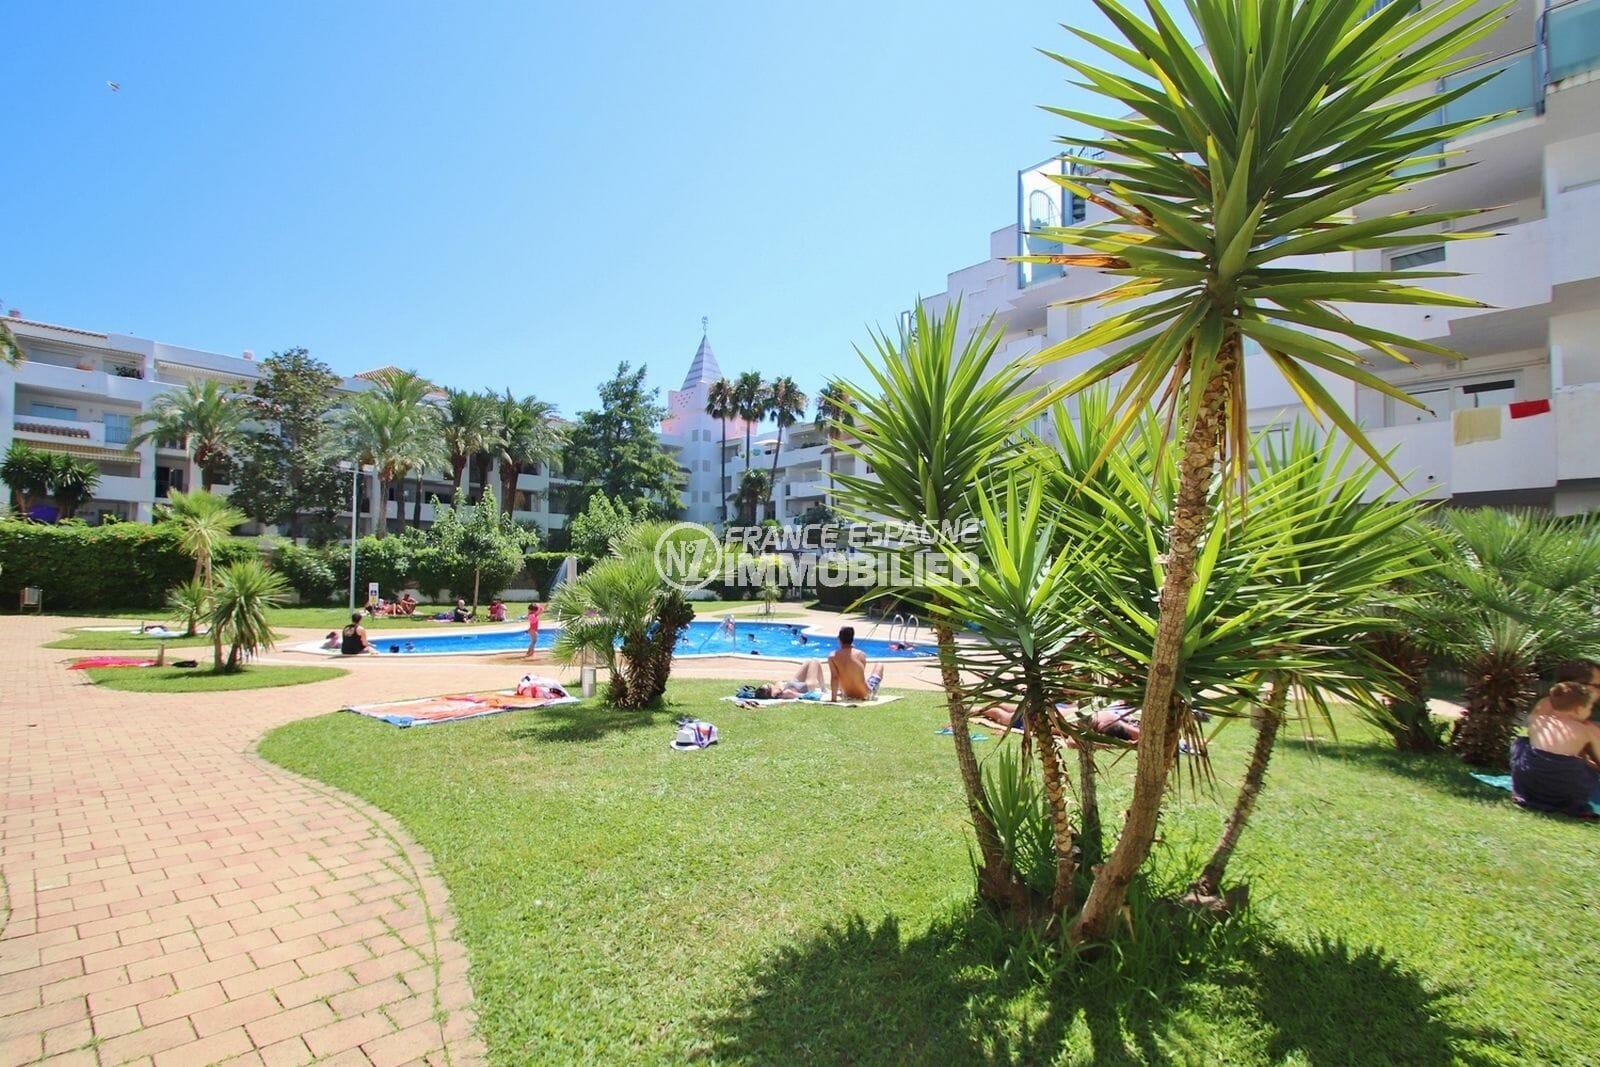 immocenter roses: appartement 49 m², aperçu des extérieurs près de la piscine communautaire